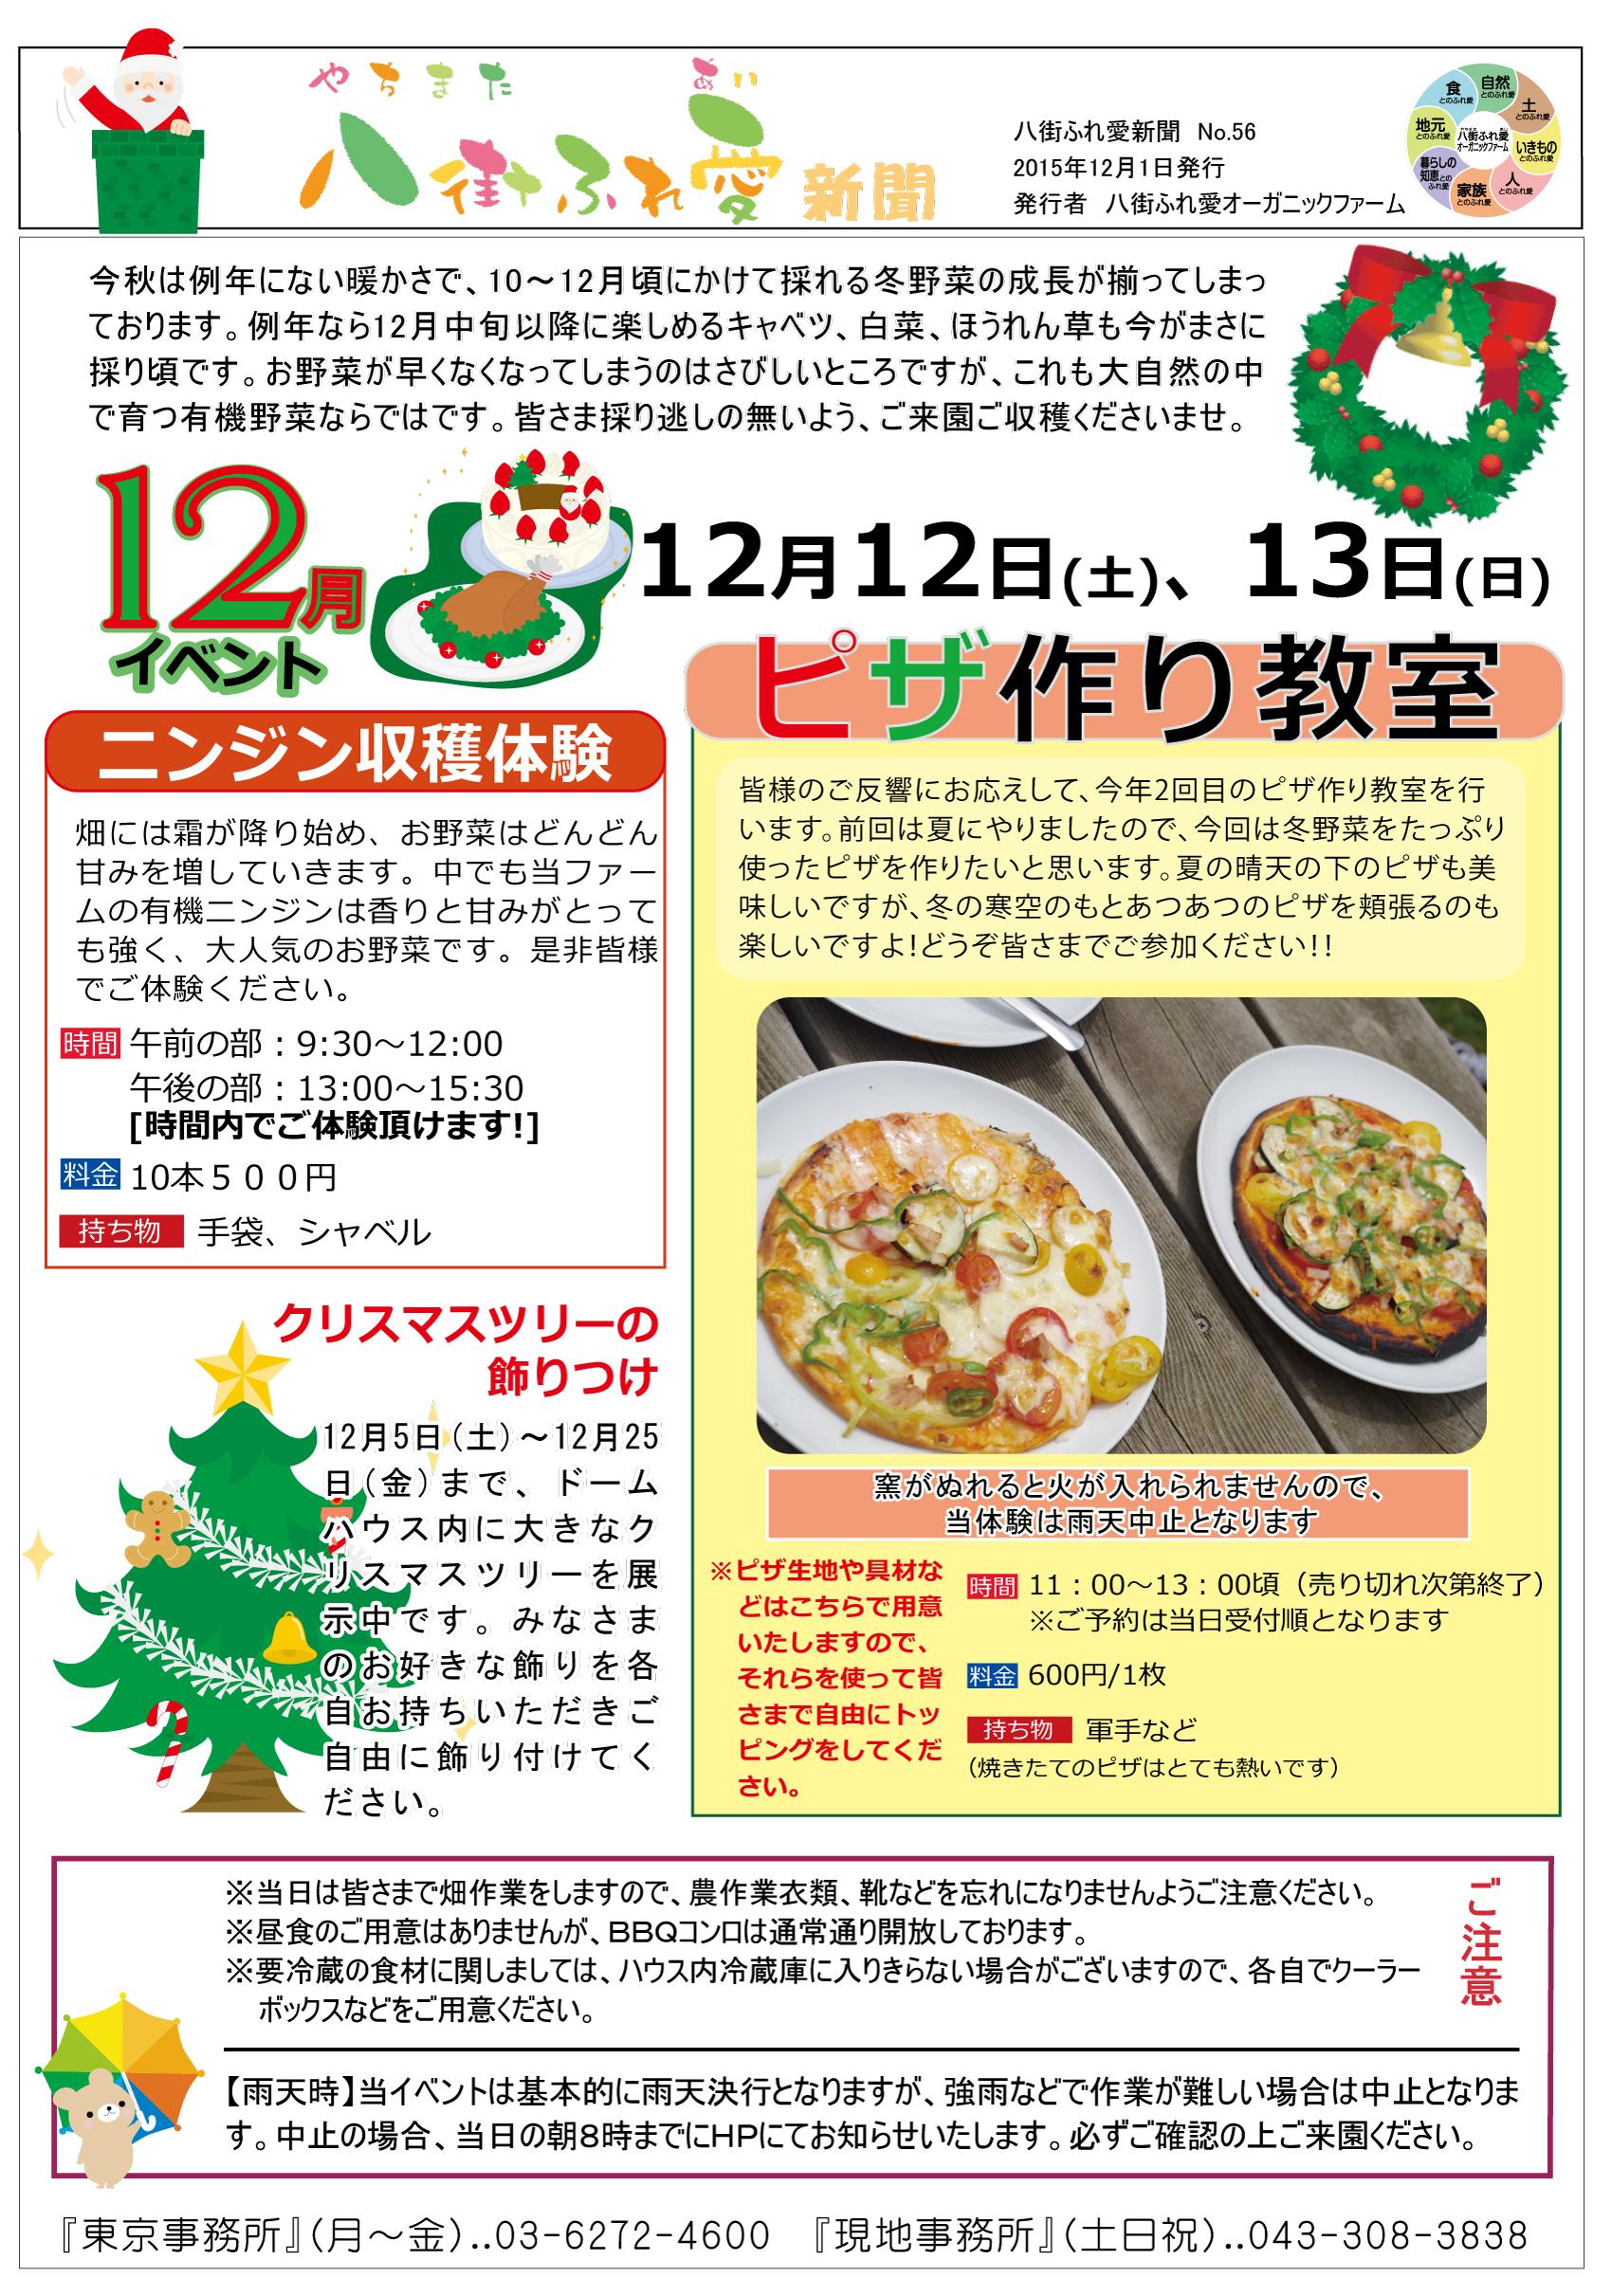 12月イベント ピザ作り教室